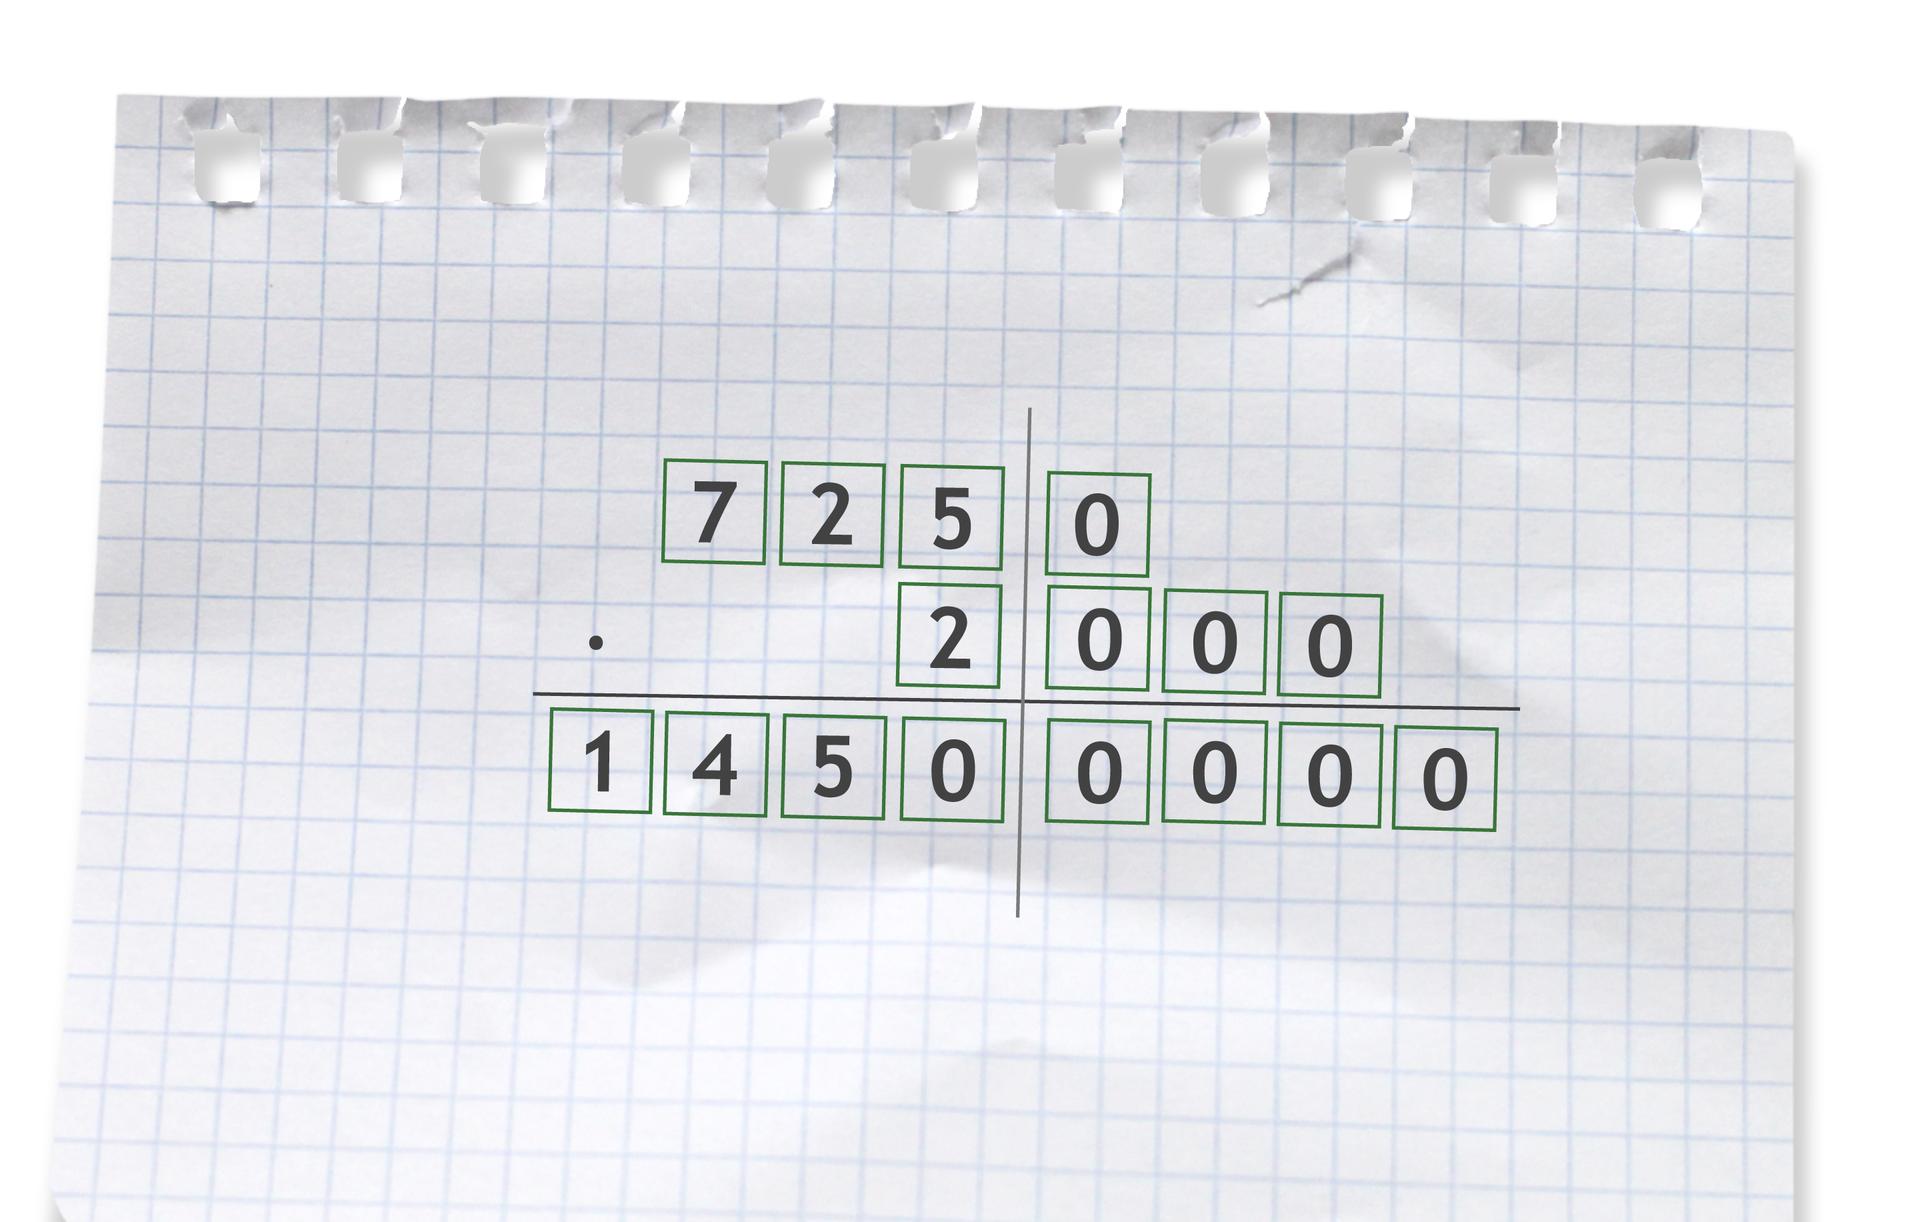 Przykład: 7250 razy 2000 =14500000. Rozwiązanie zadania podpunkt a.